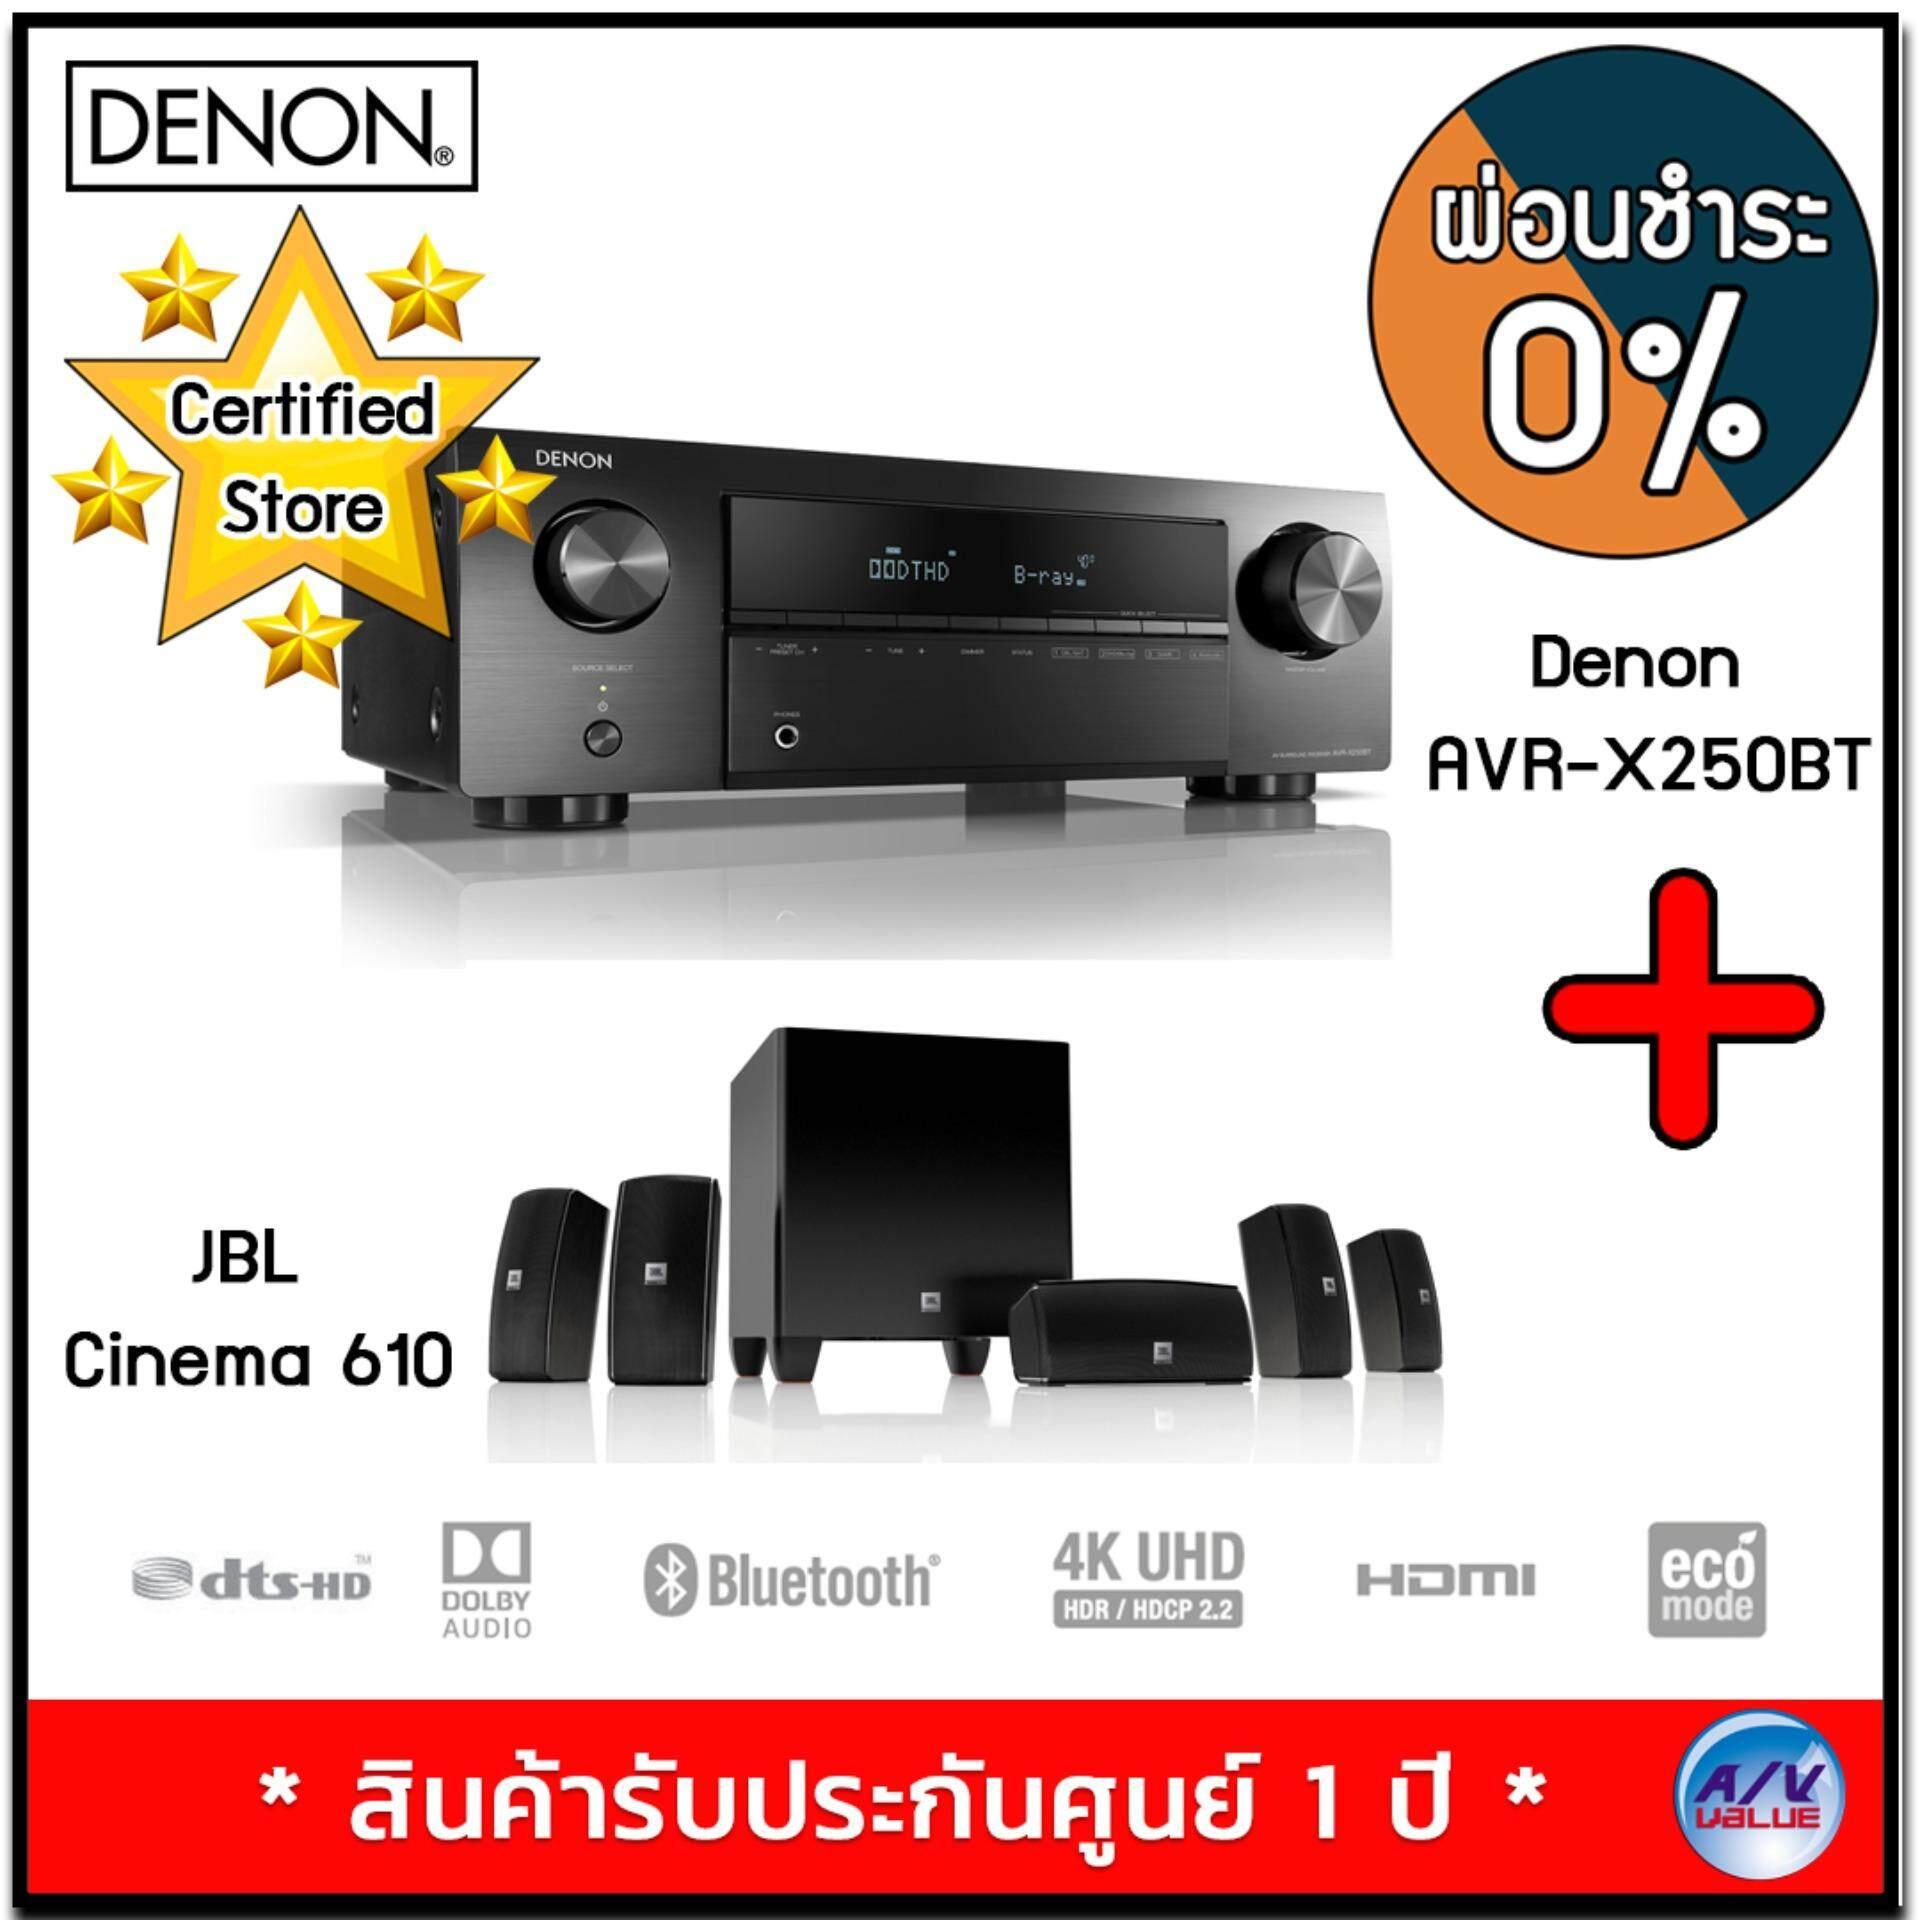 ยี่ห้อไหนดี  ขอนแก่น Denon AVR-X250BT 5.1 Ch. 4K Ultra HD AV Receiver with Bluetooth + JBL Cinema 610